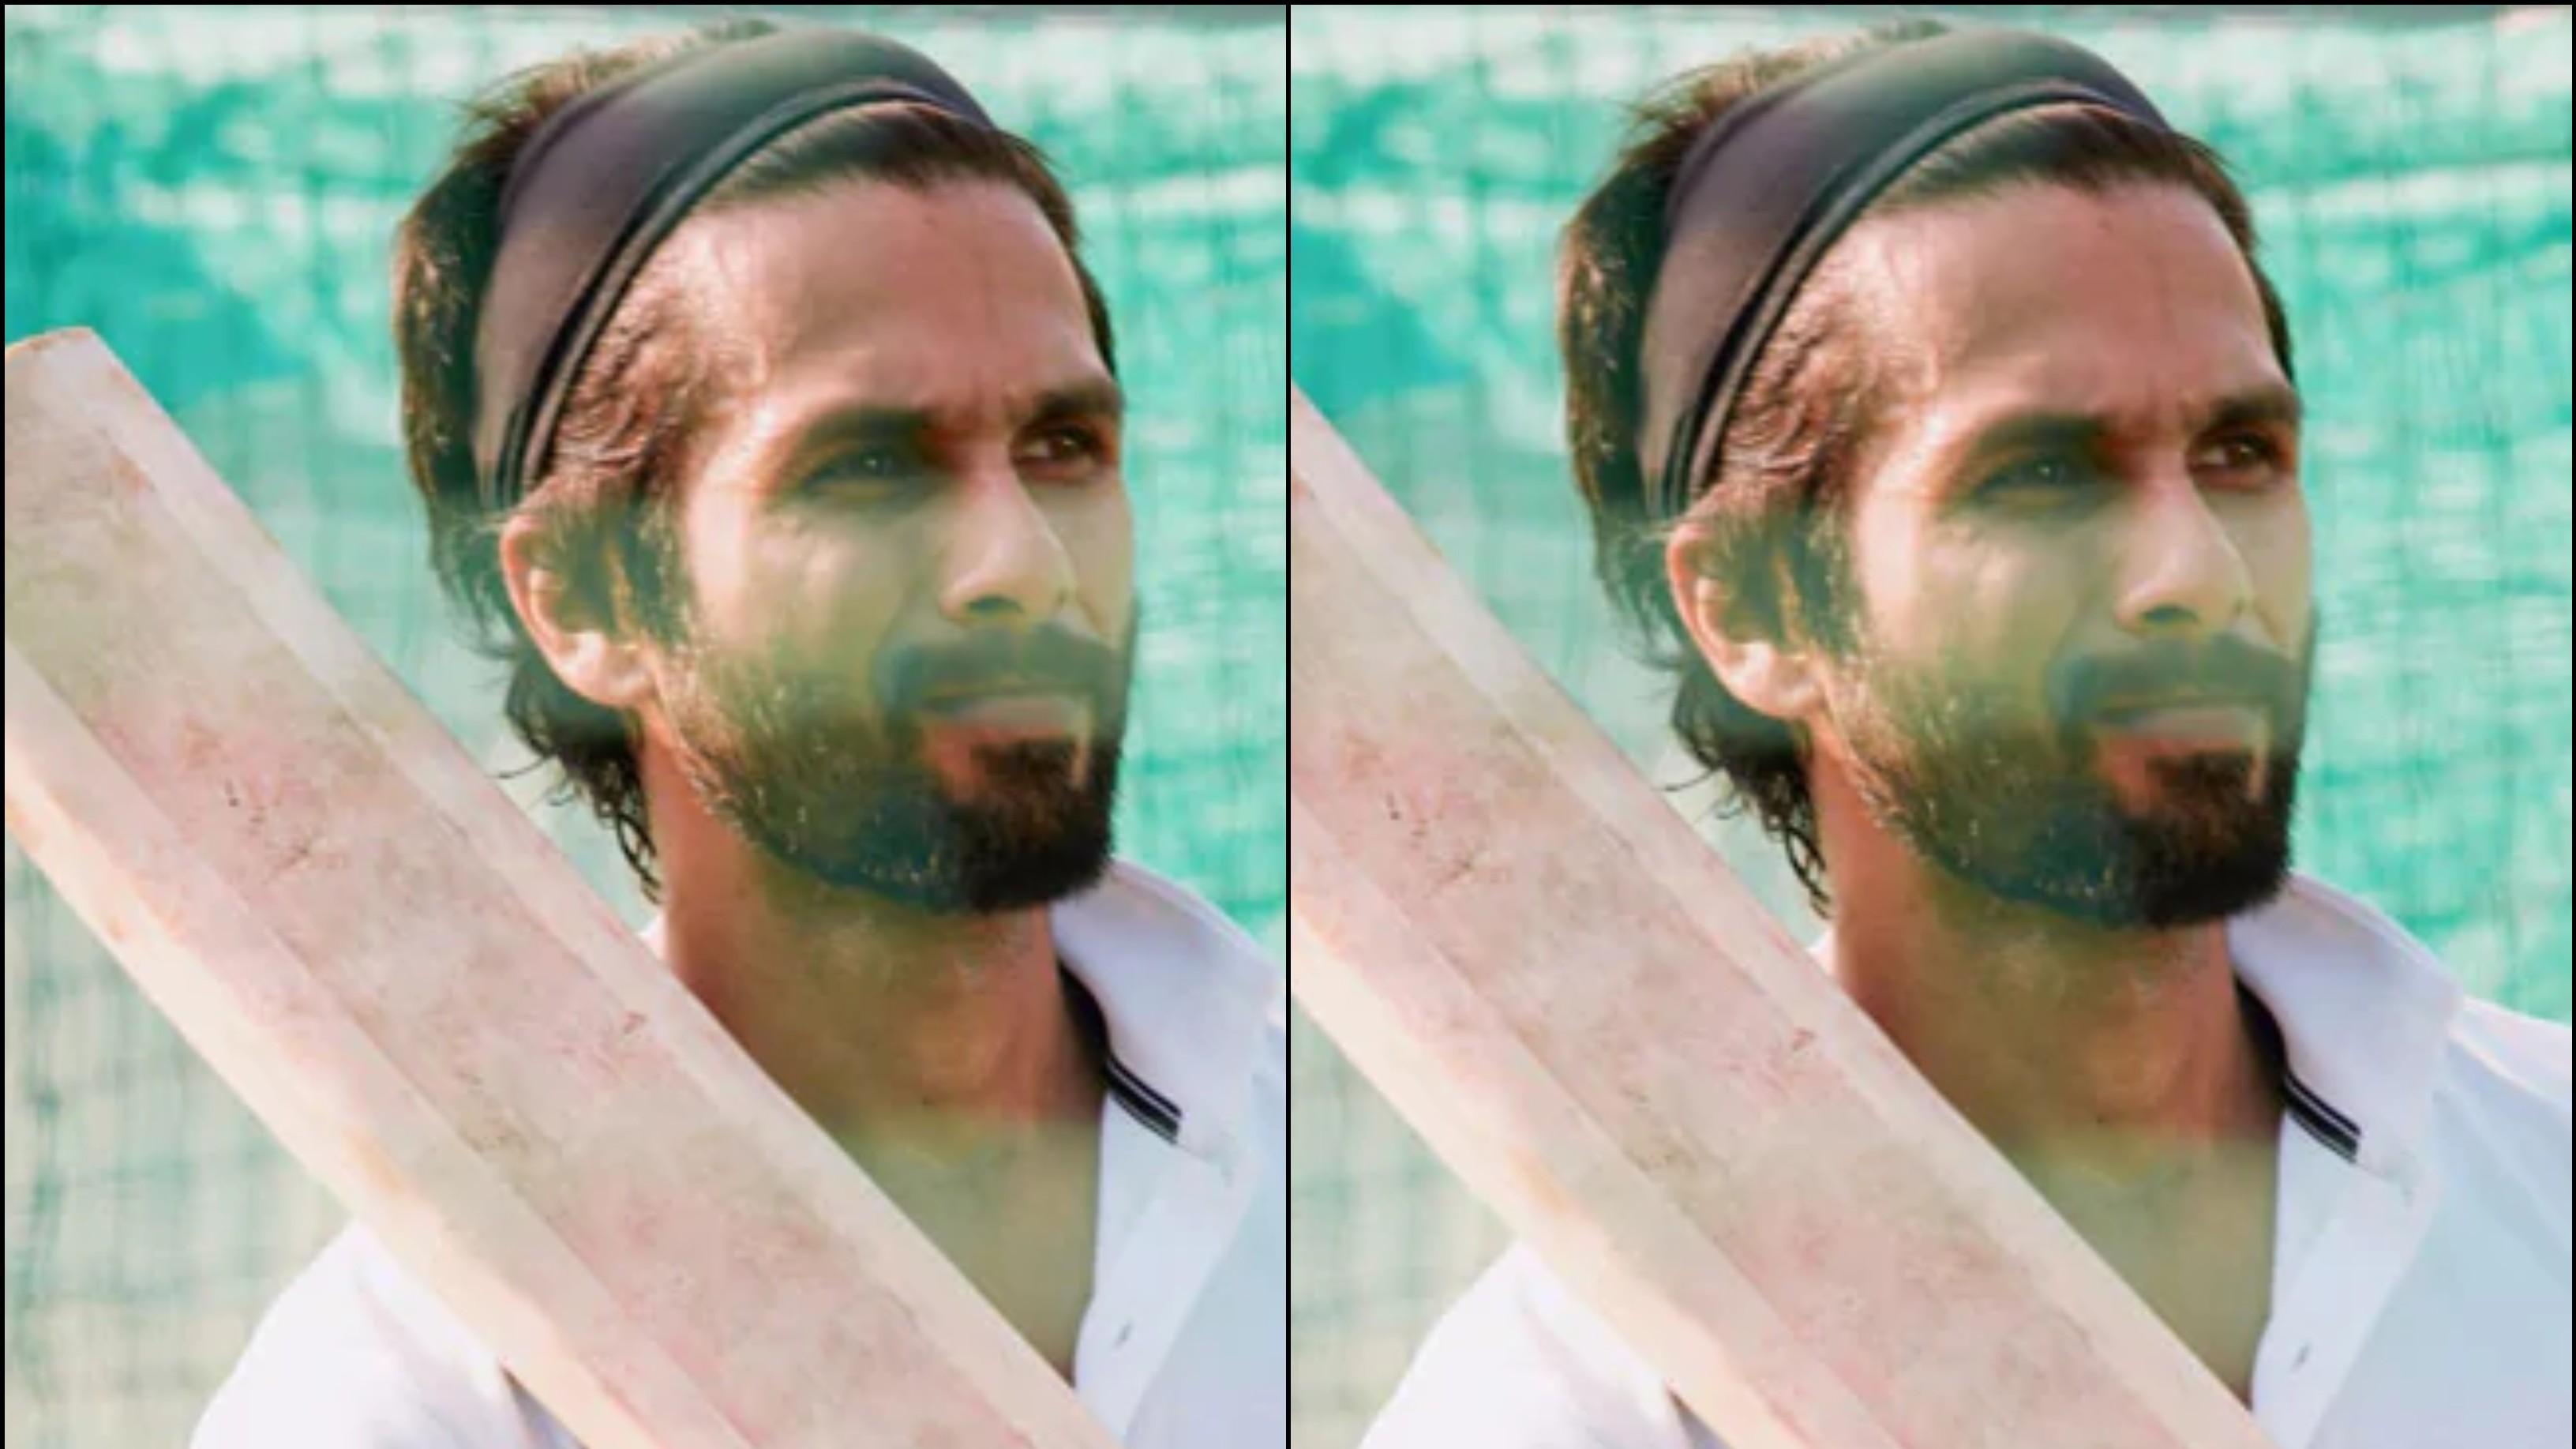 आगामी फिल्म 'जर्सी' के लिए क्रिकेट सीख रहे है शाहिद कपूर